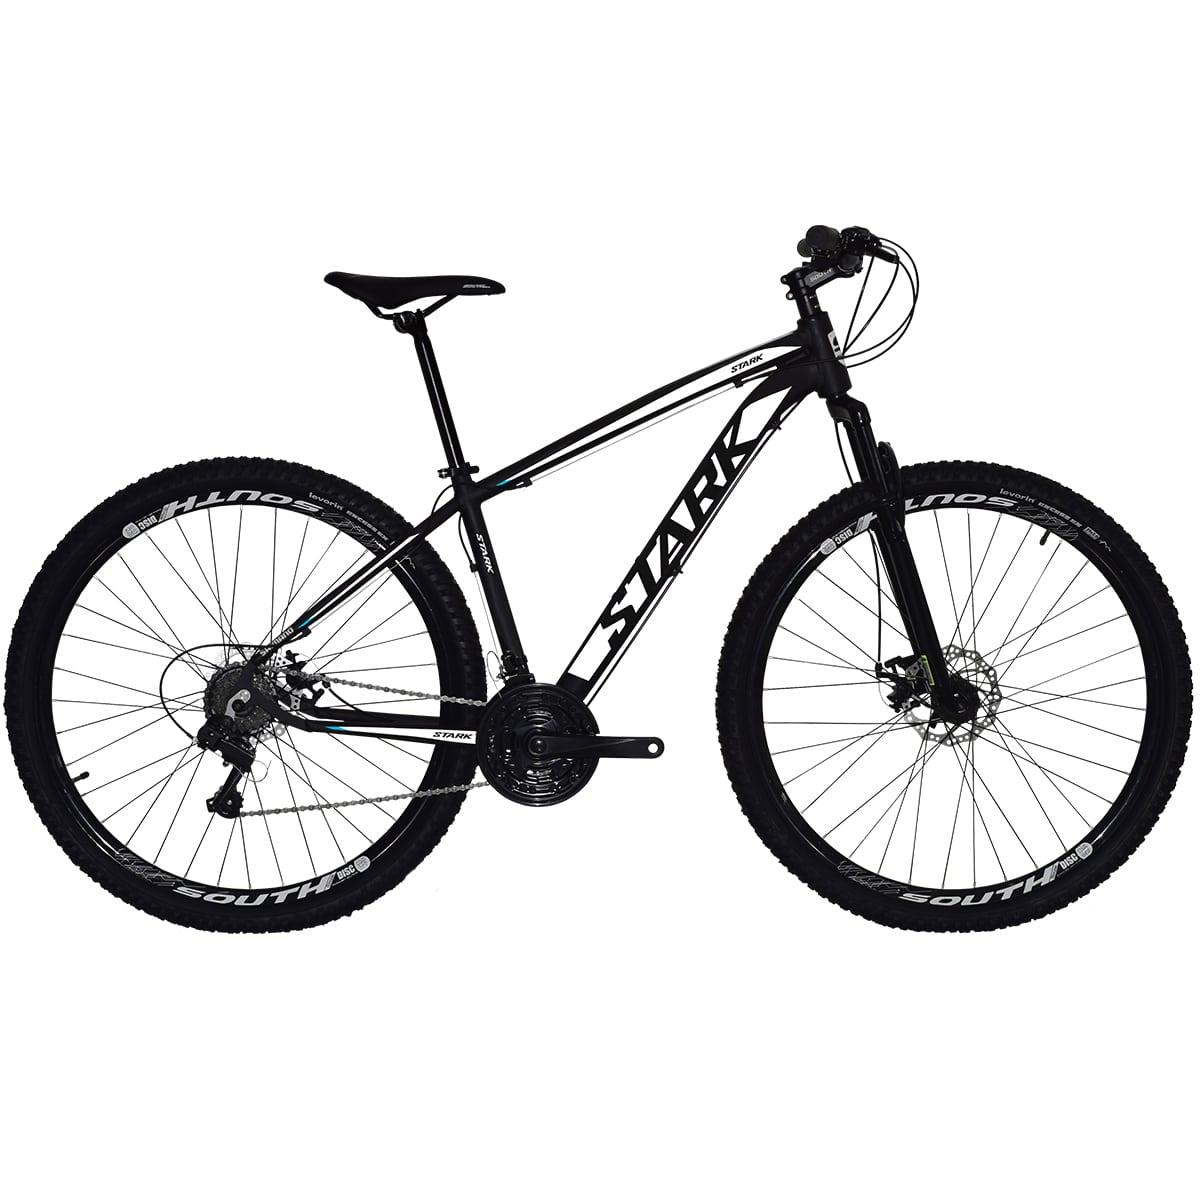 Bicicleta South Stark 2021 - Aro 29 - 21 Marchas - Freios a Disco - Suspensão Dianteira // Promoção